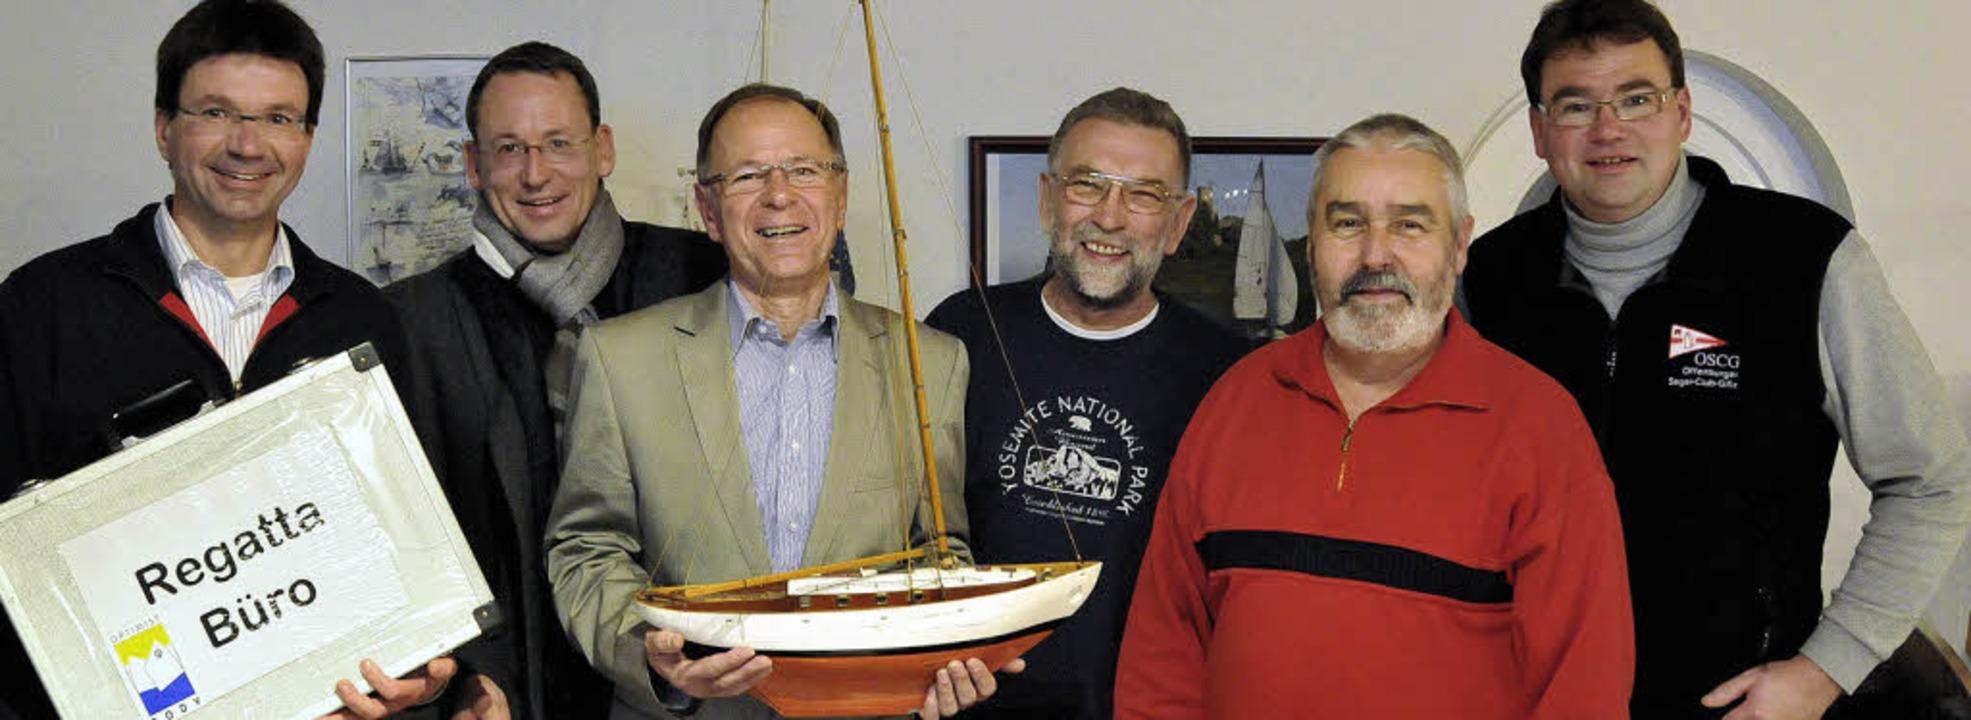 Gifiz-Segler verjüngen Vorstands-Crew - Offenburg..